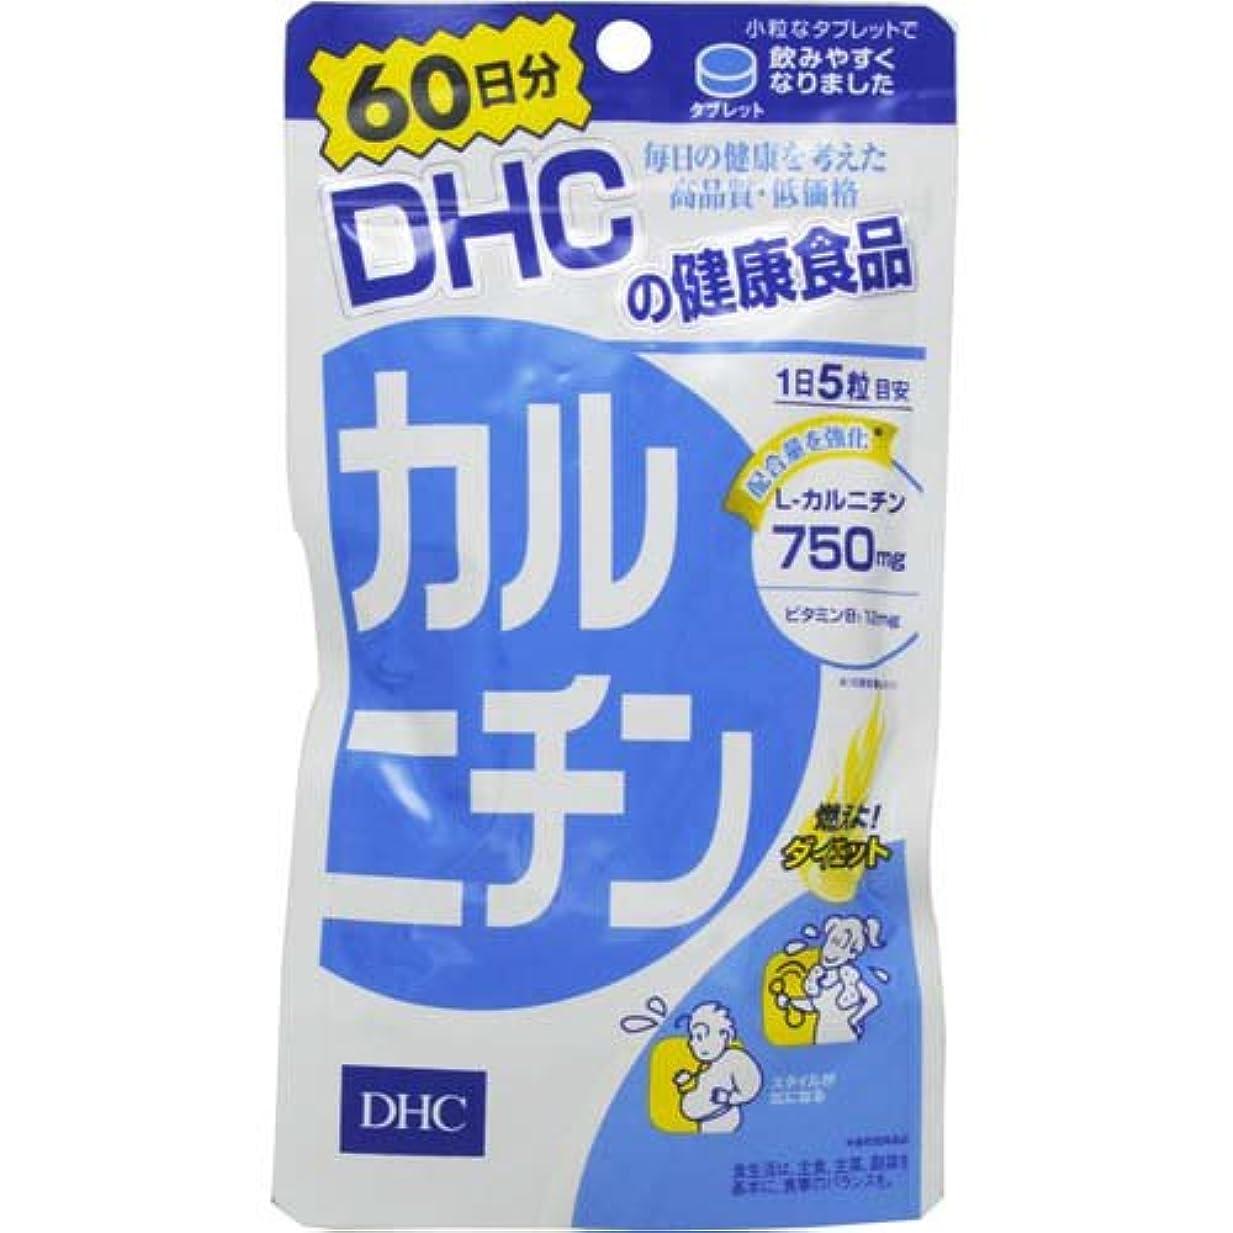 グラフご飯頂点DHC カルニチン 60日分 300粒